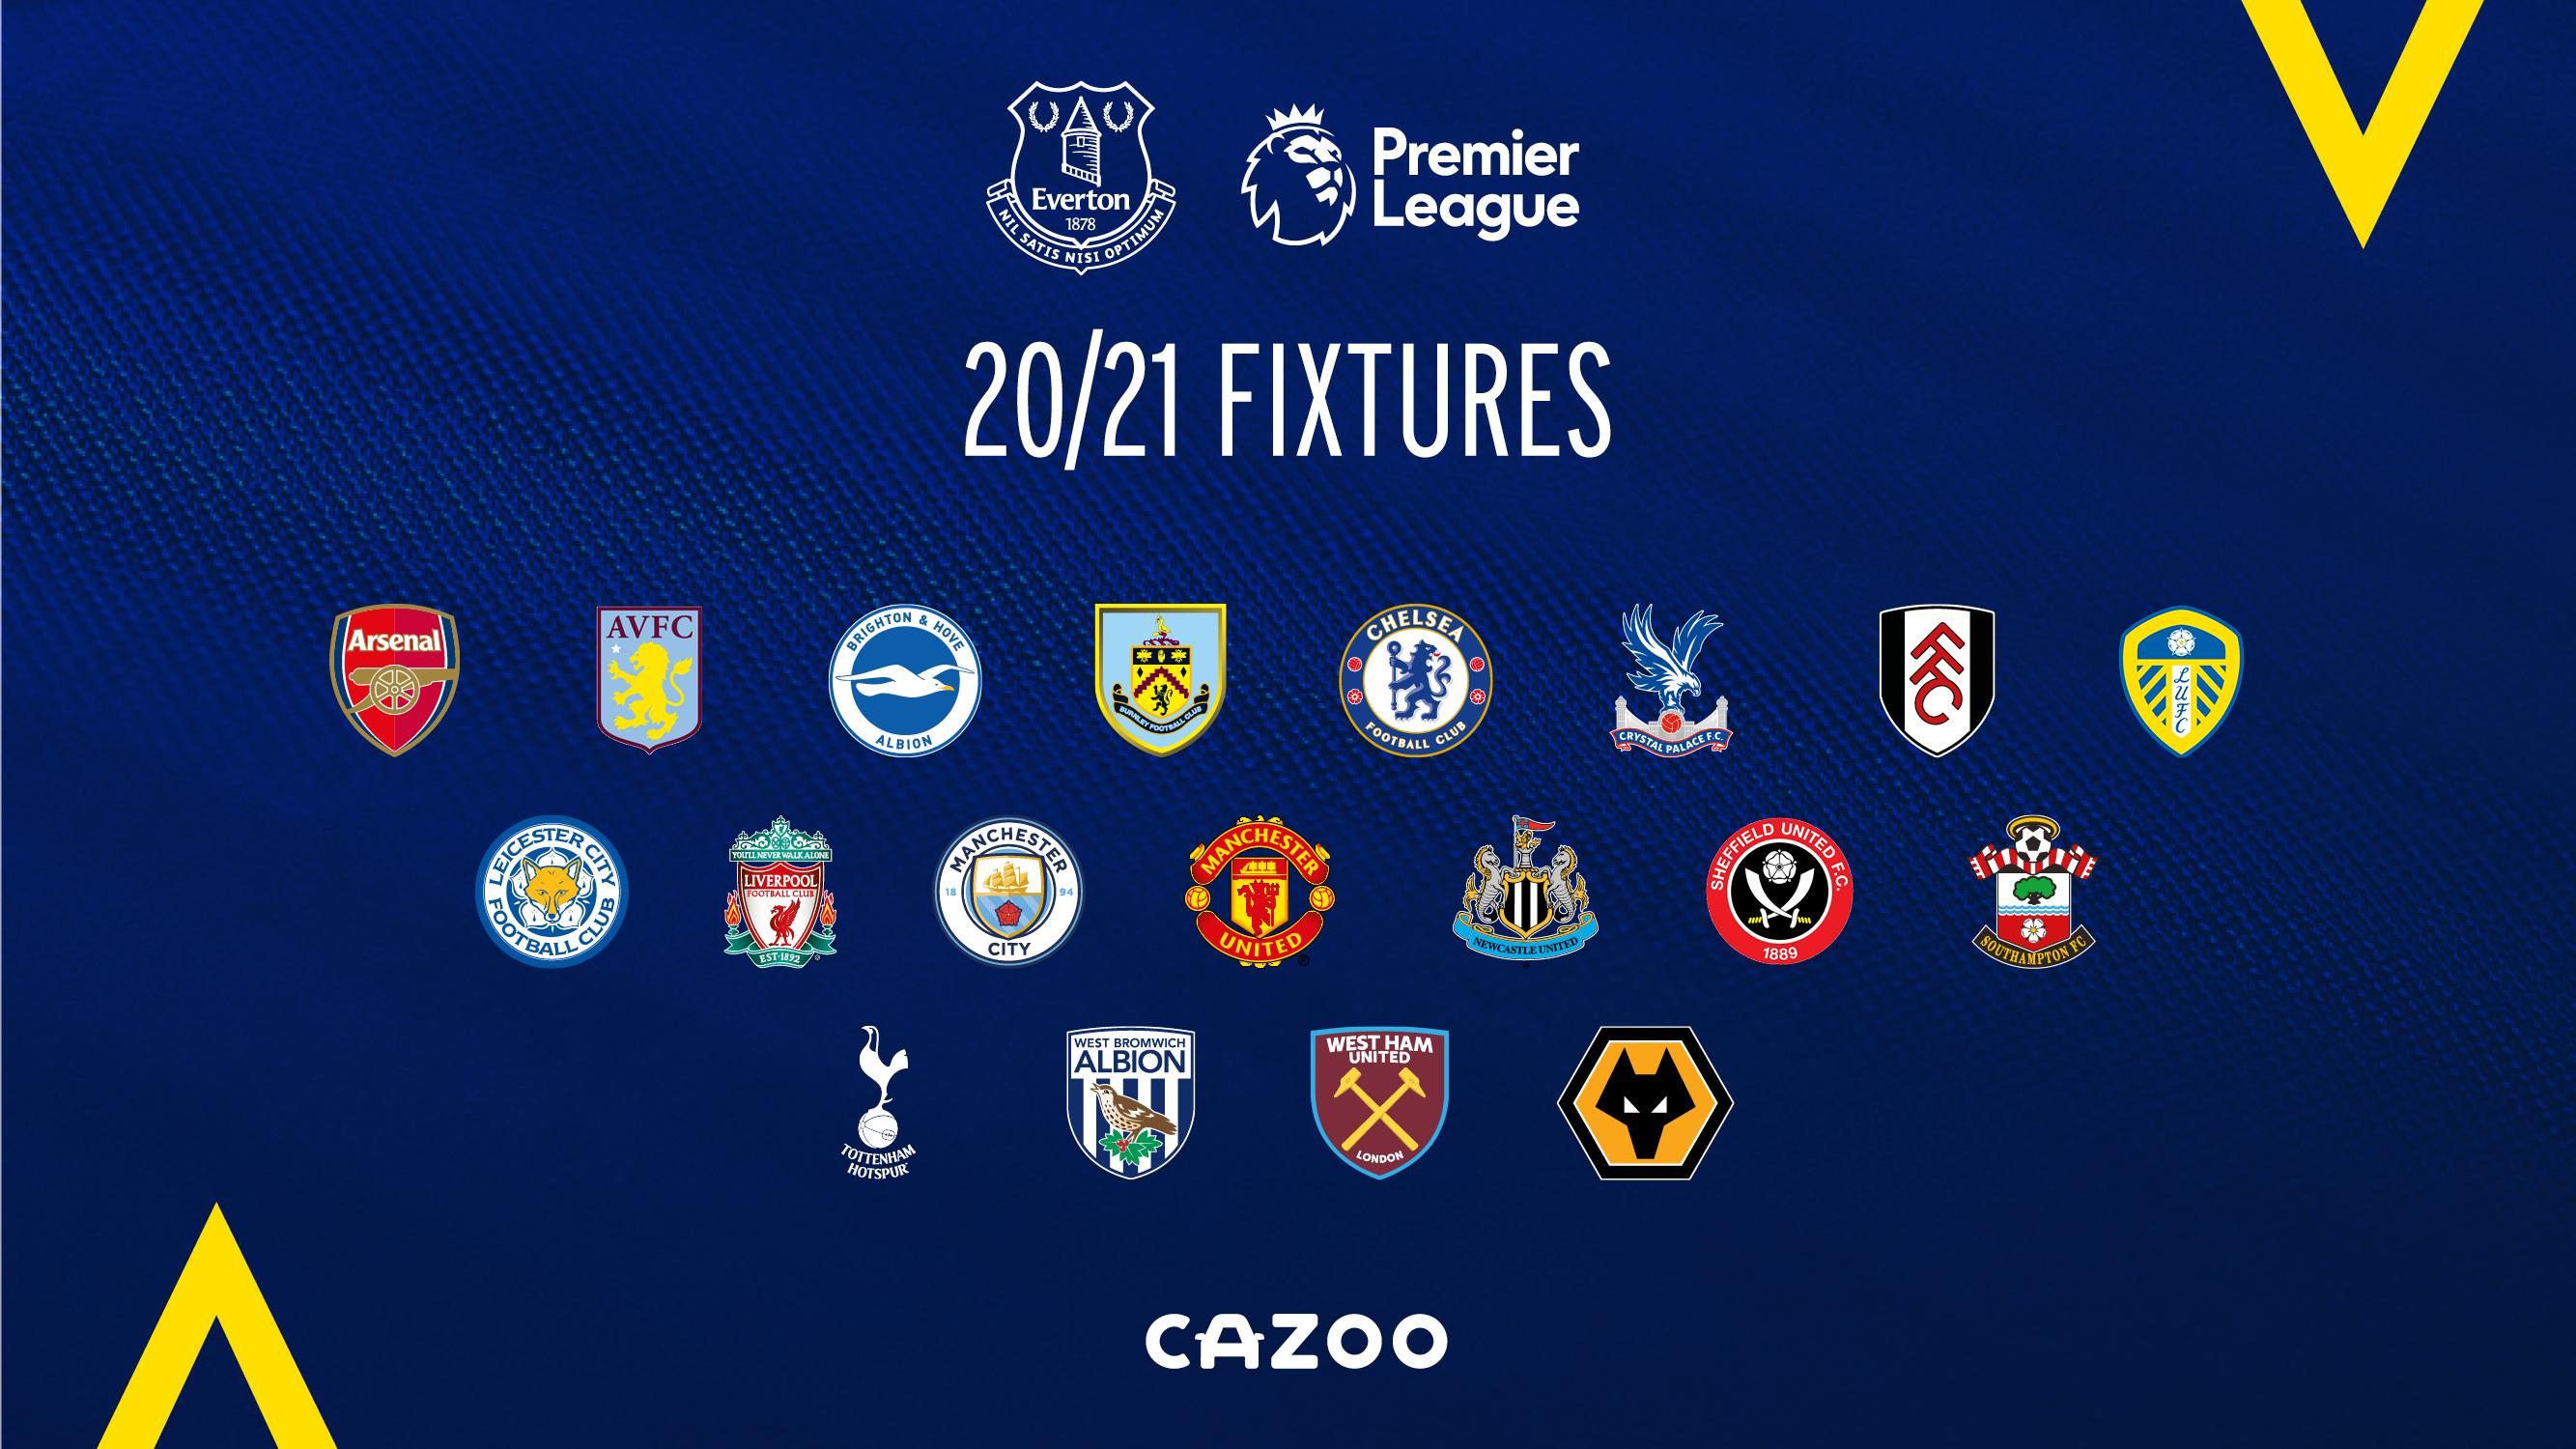 Everton's 2020/21 Premier League Fixture Schedule Revealed